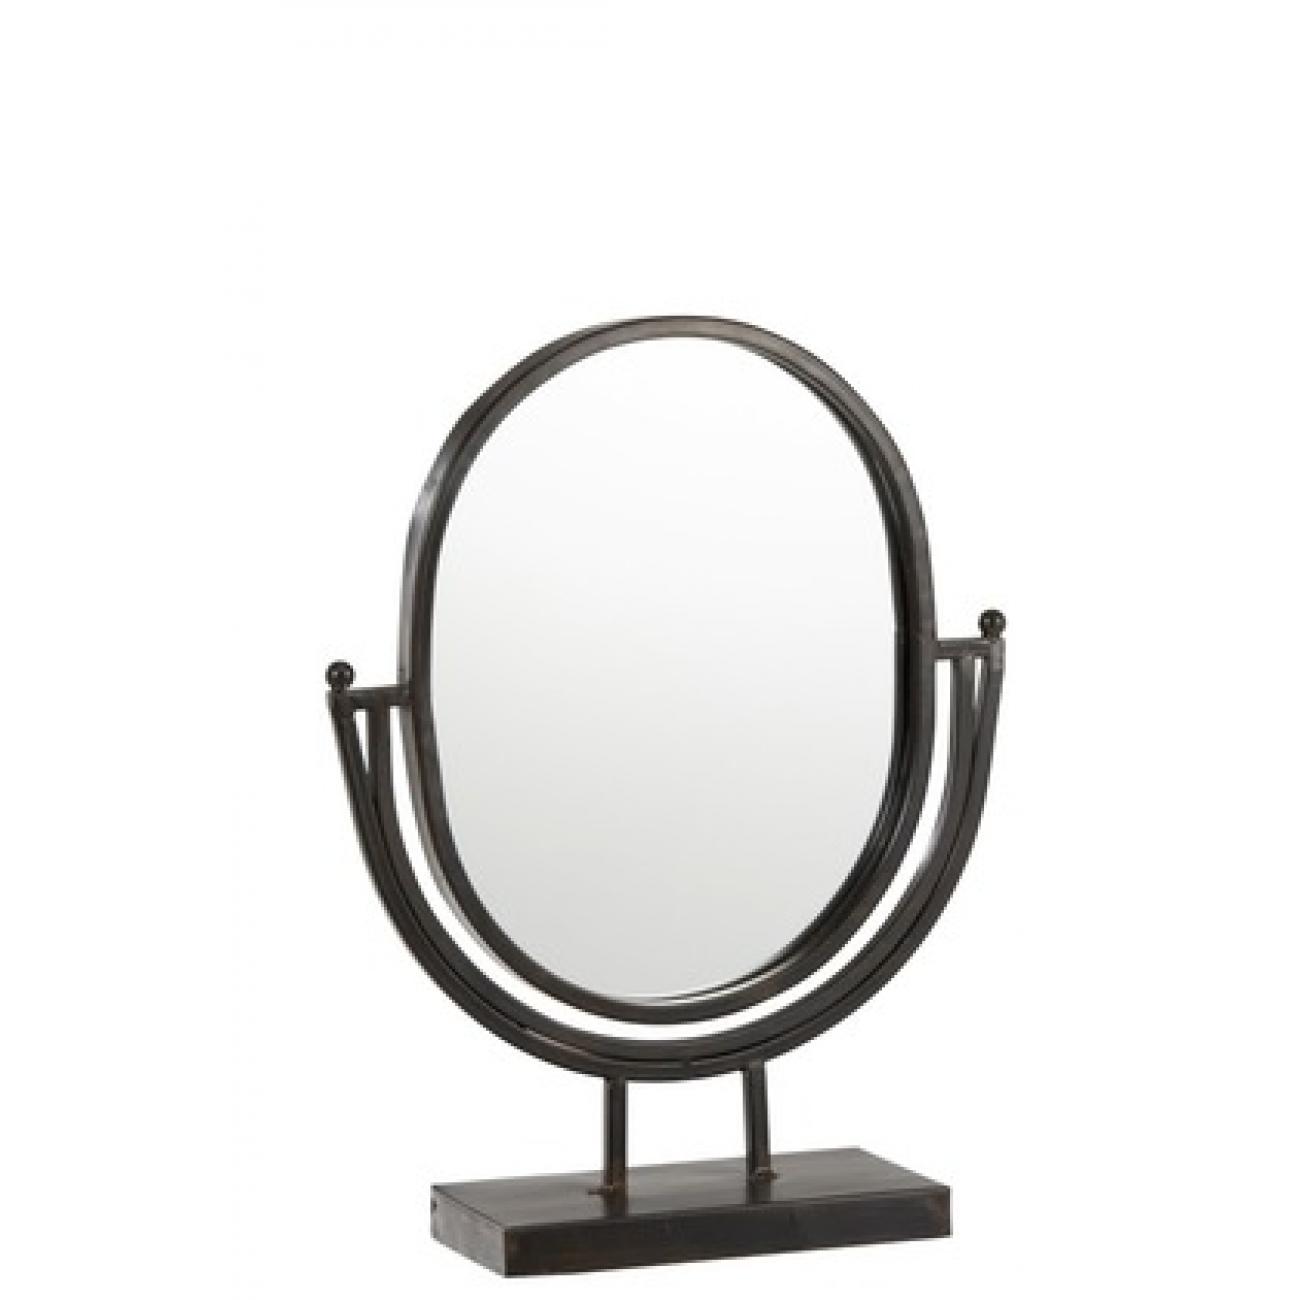 Зеркало J-LINE овальное настольное в металлической раме на ножках черное 29х37 см Бельгия